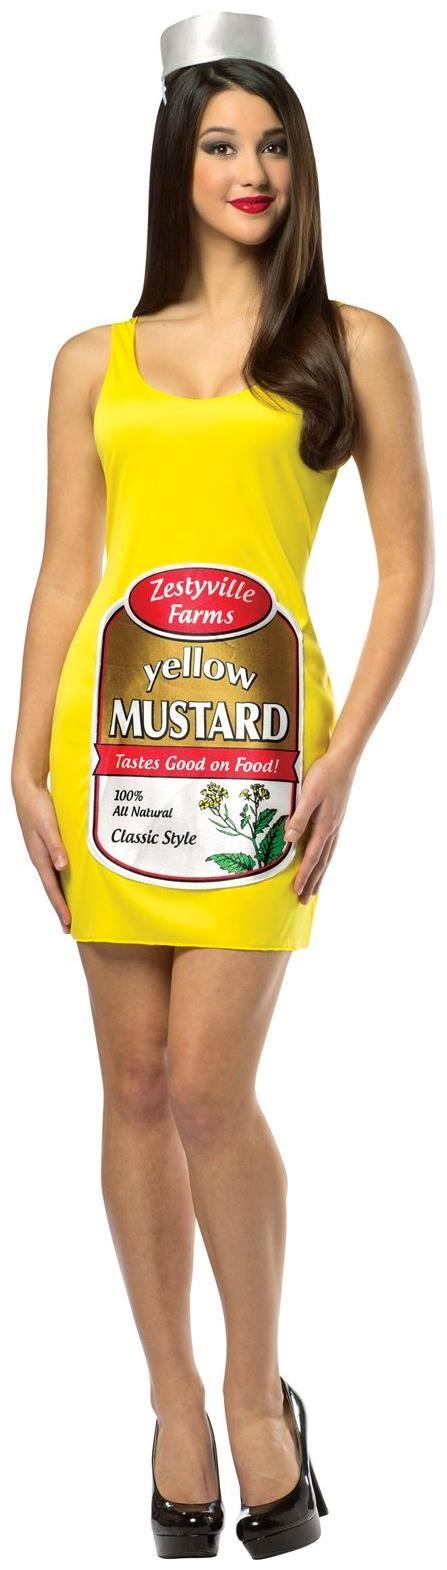 Musturd_Women_Costume